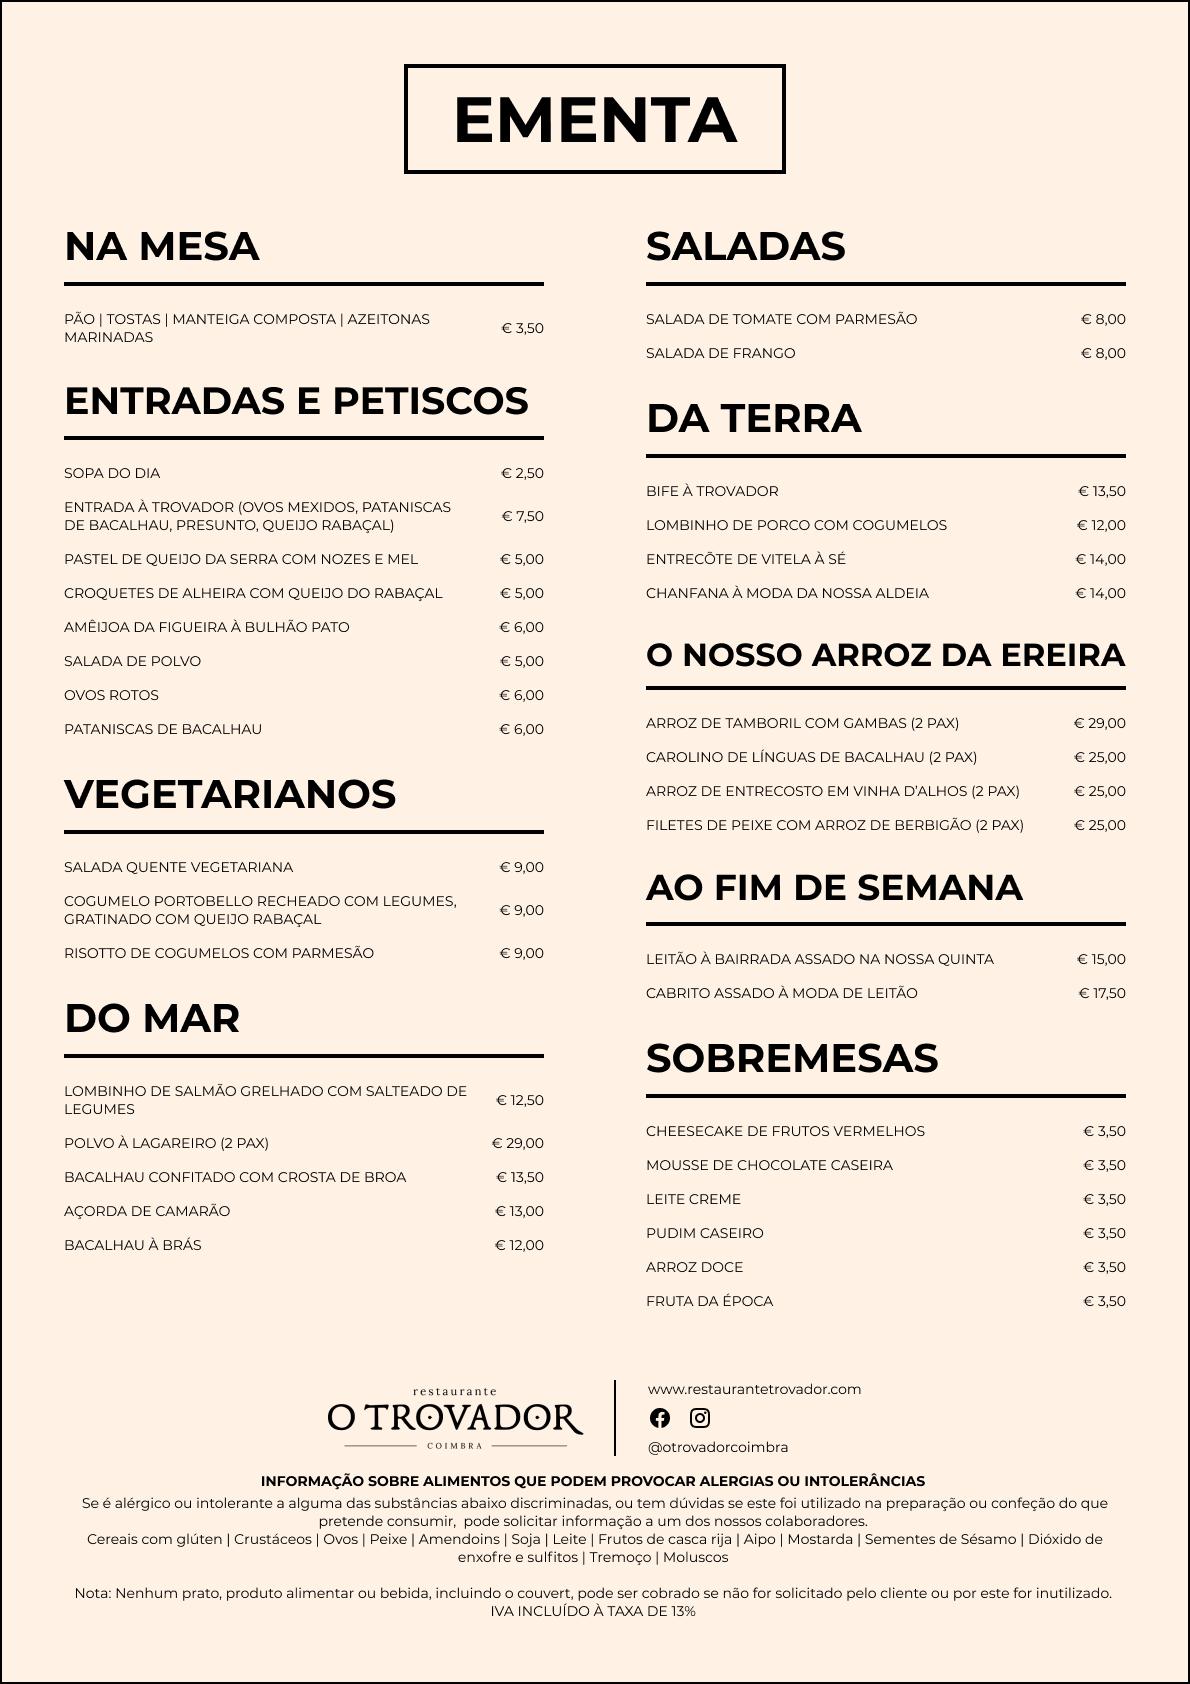 ementa em português